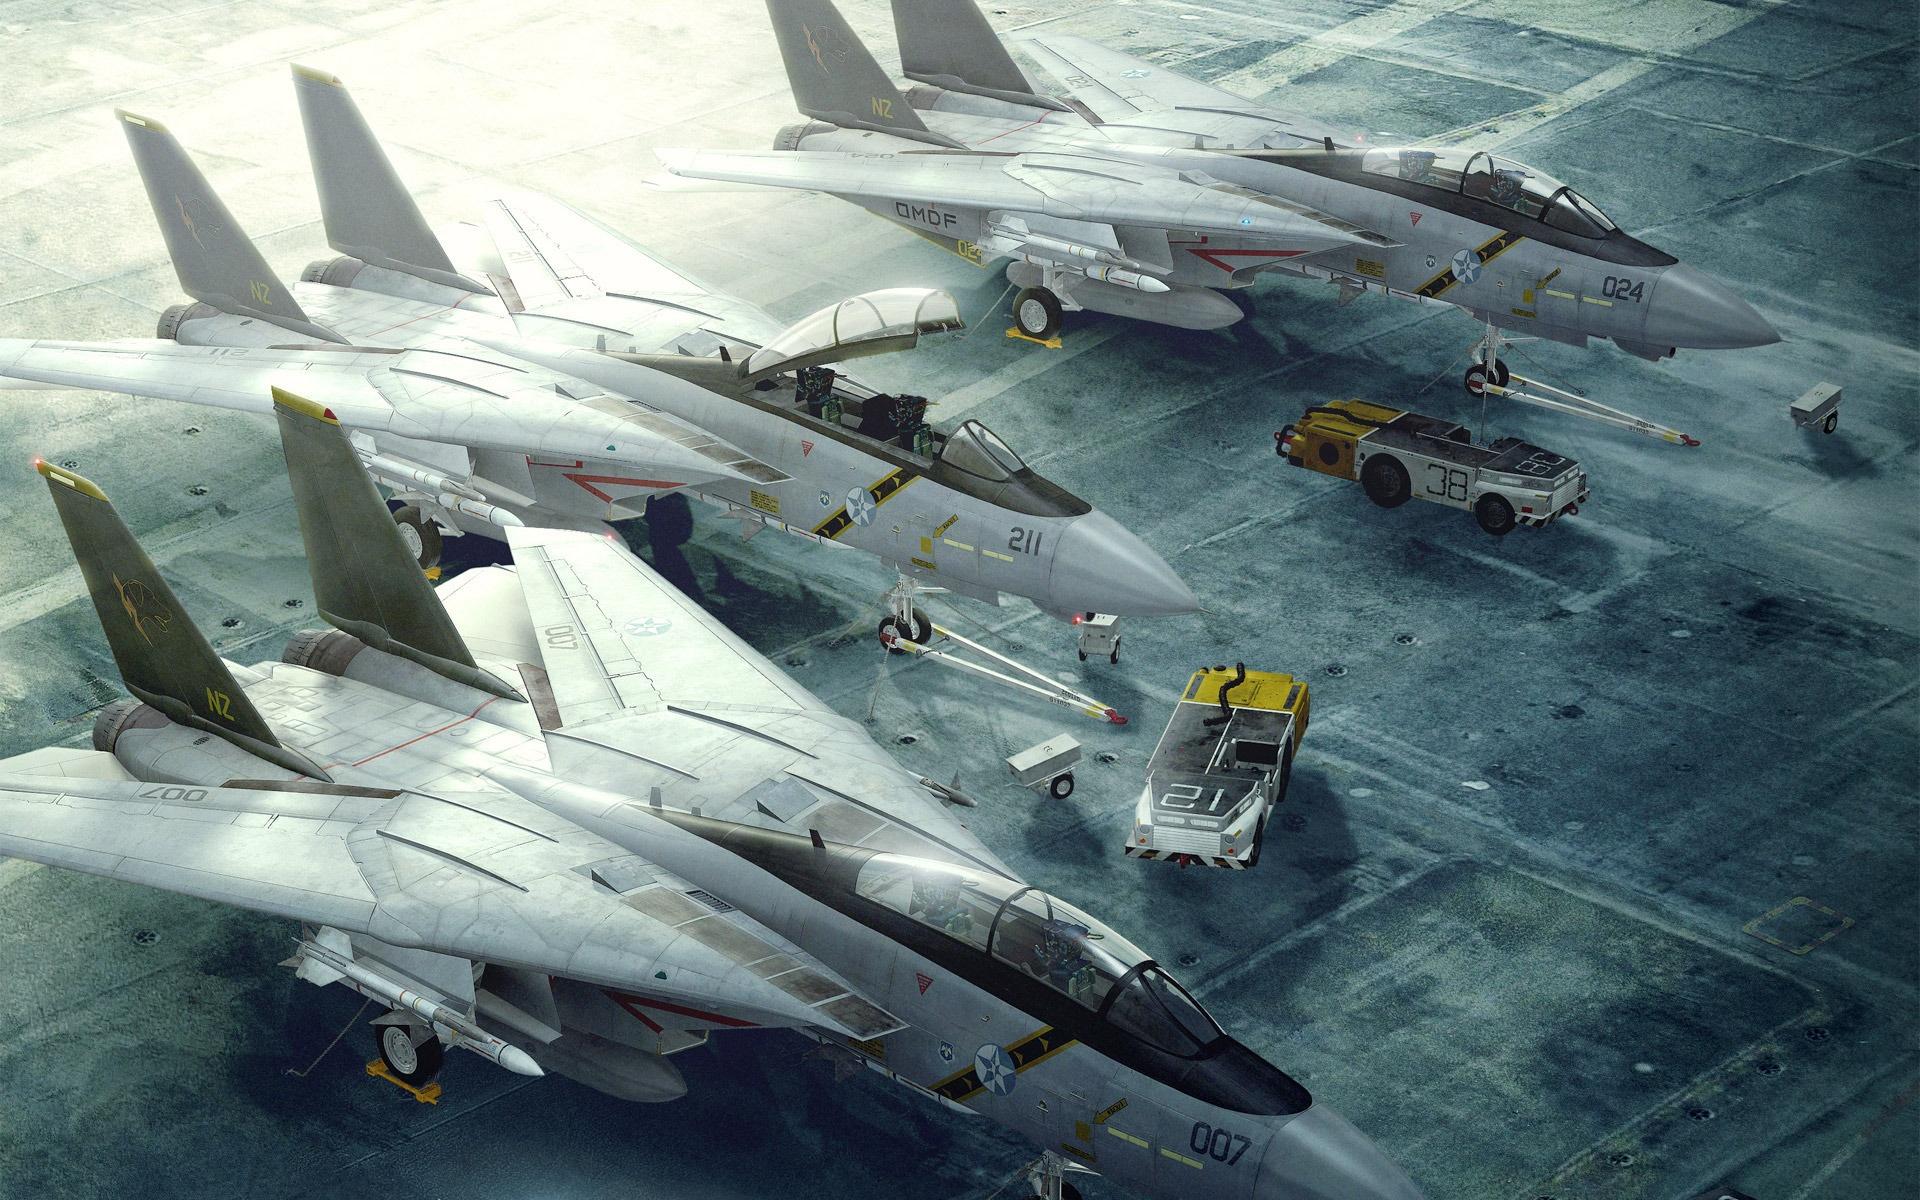 壁紙 F 14トムキャット戦闘機の滑走路 1920x1200 Hd 無料の